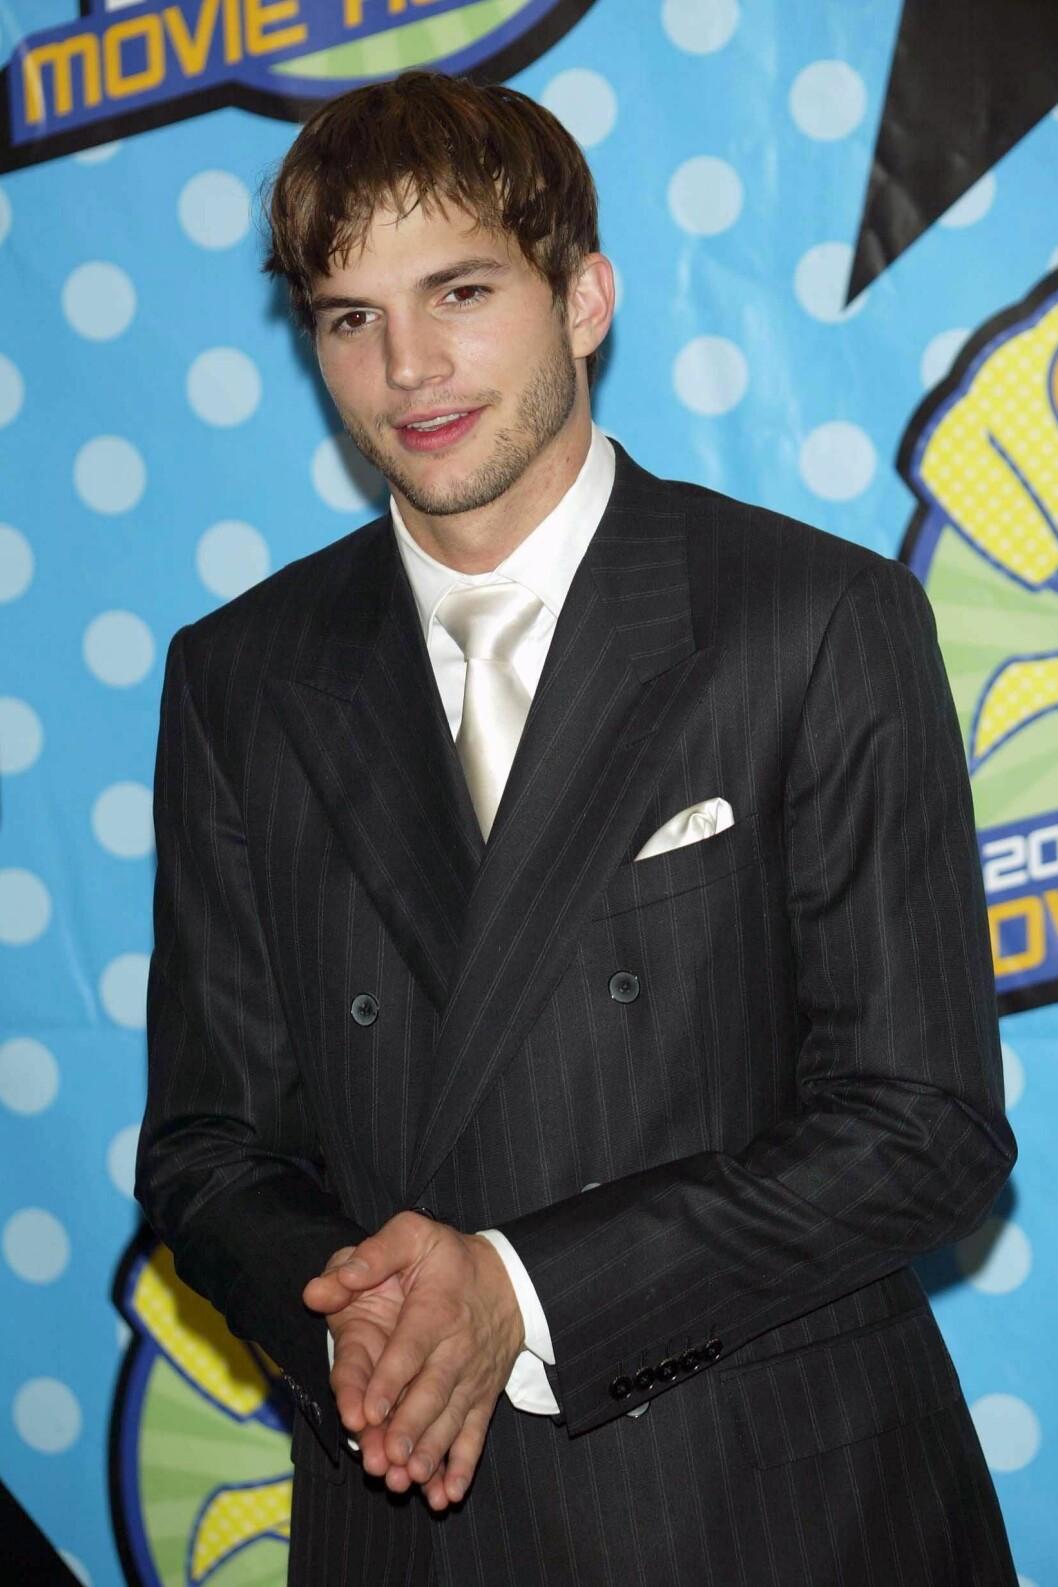 Ashton Kutcher: Punk'd